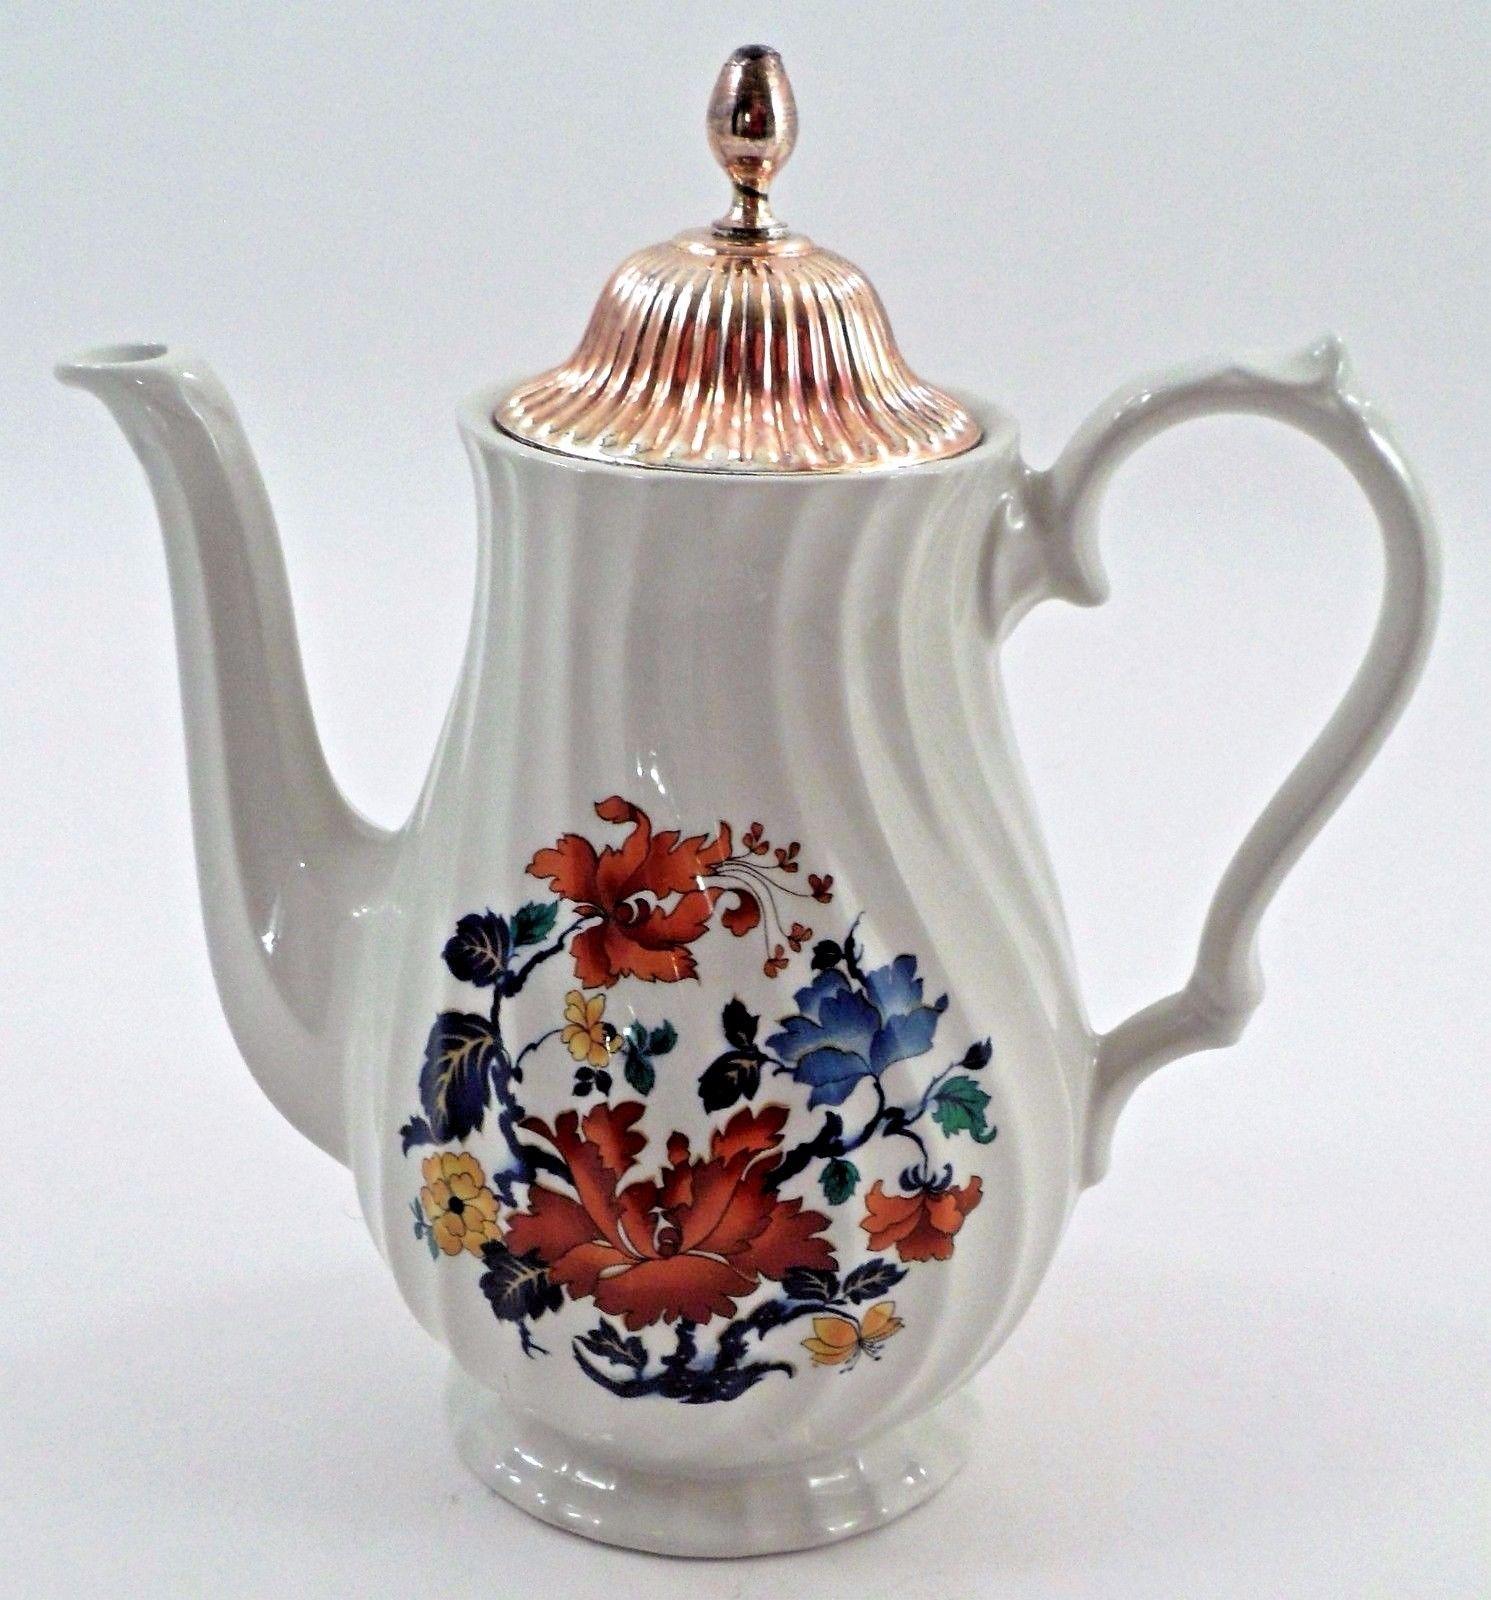 Lovely myott meakin england dynasty kismet coffee pot